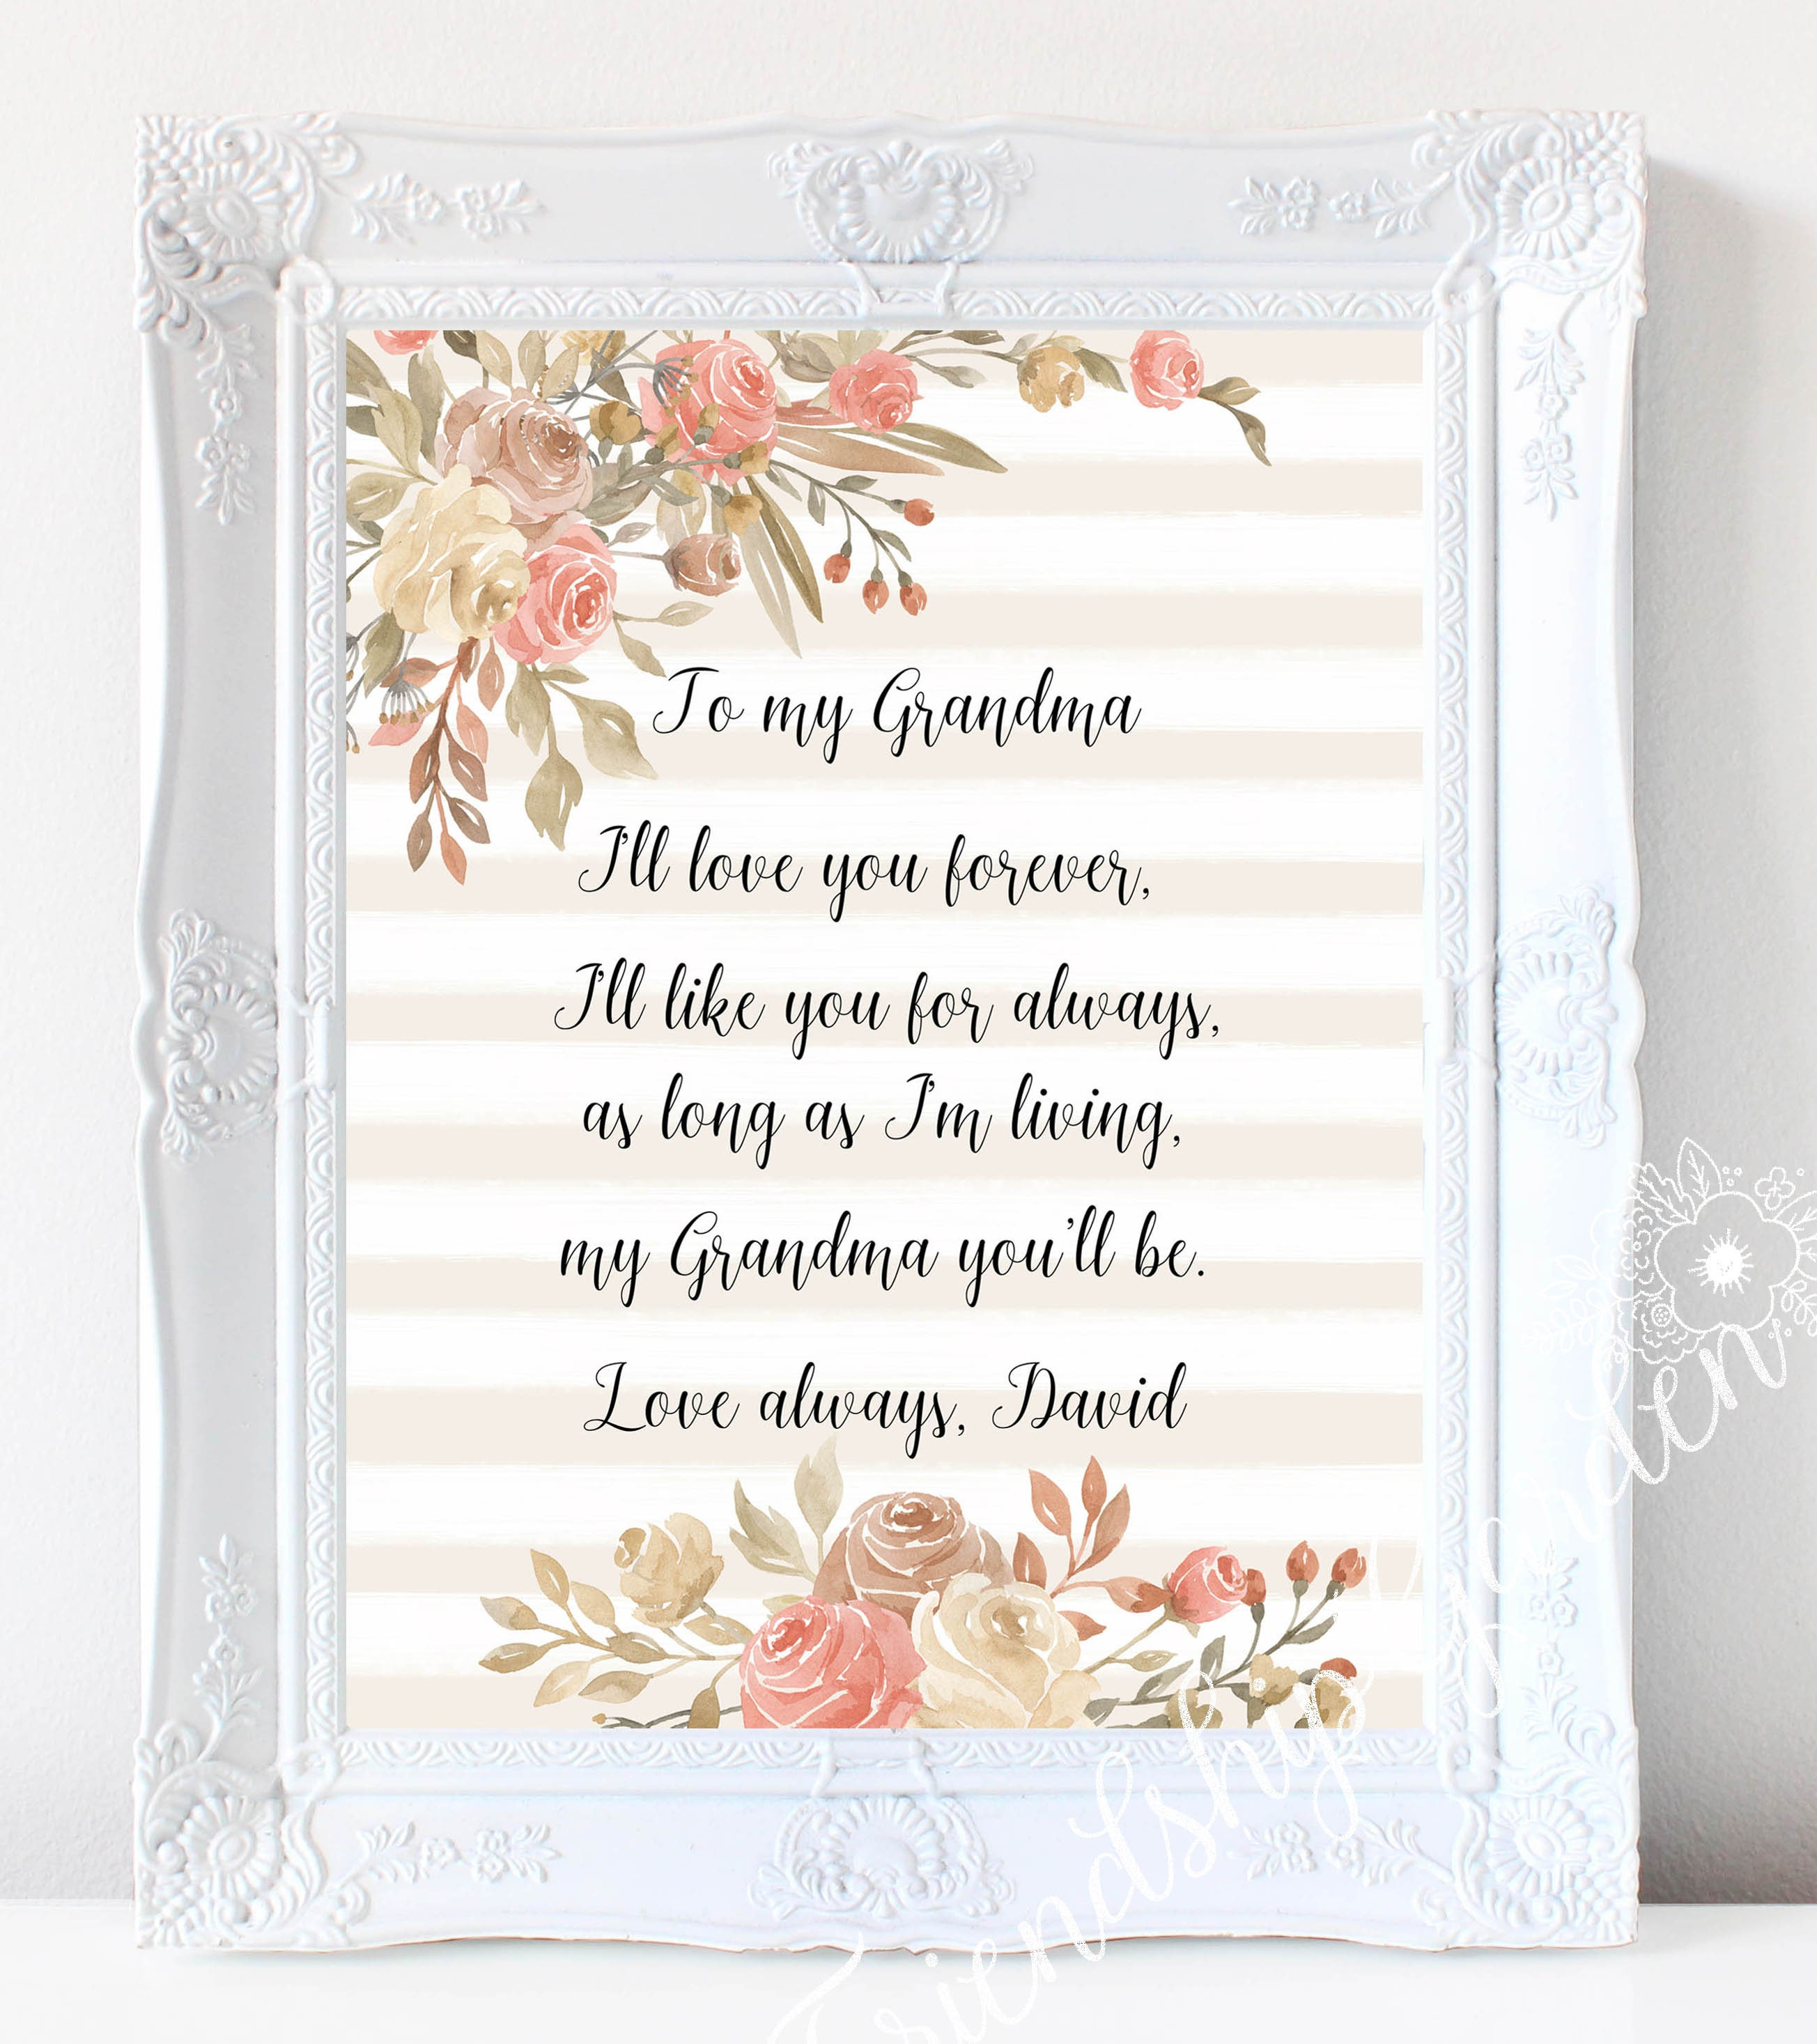 Grandma Gift for Grandma Grandma Name Grams Opa Yaya Nana Nanny Grandma Keychain Mothers Day Gift Grandma Birthday Gift Grandma Christmas